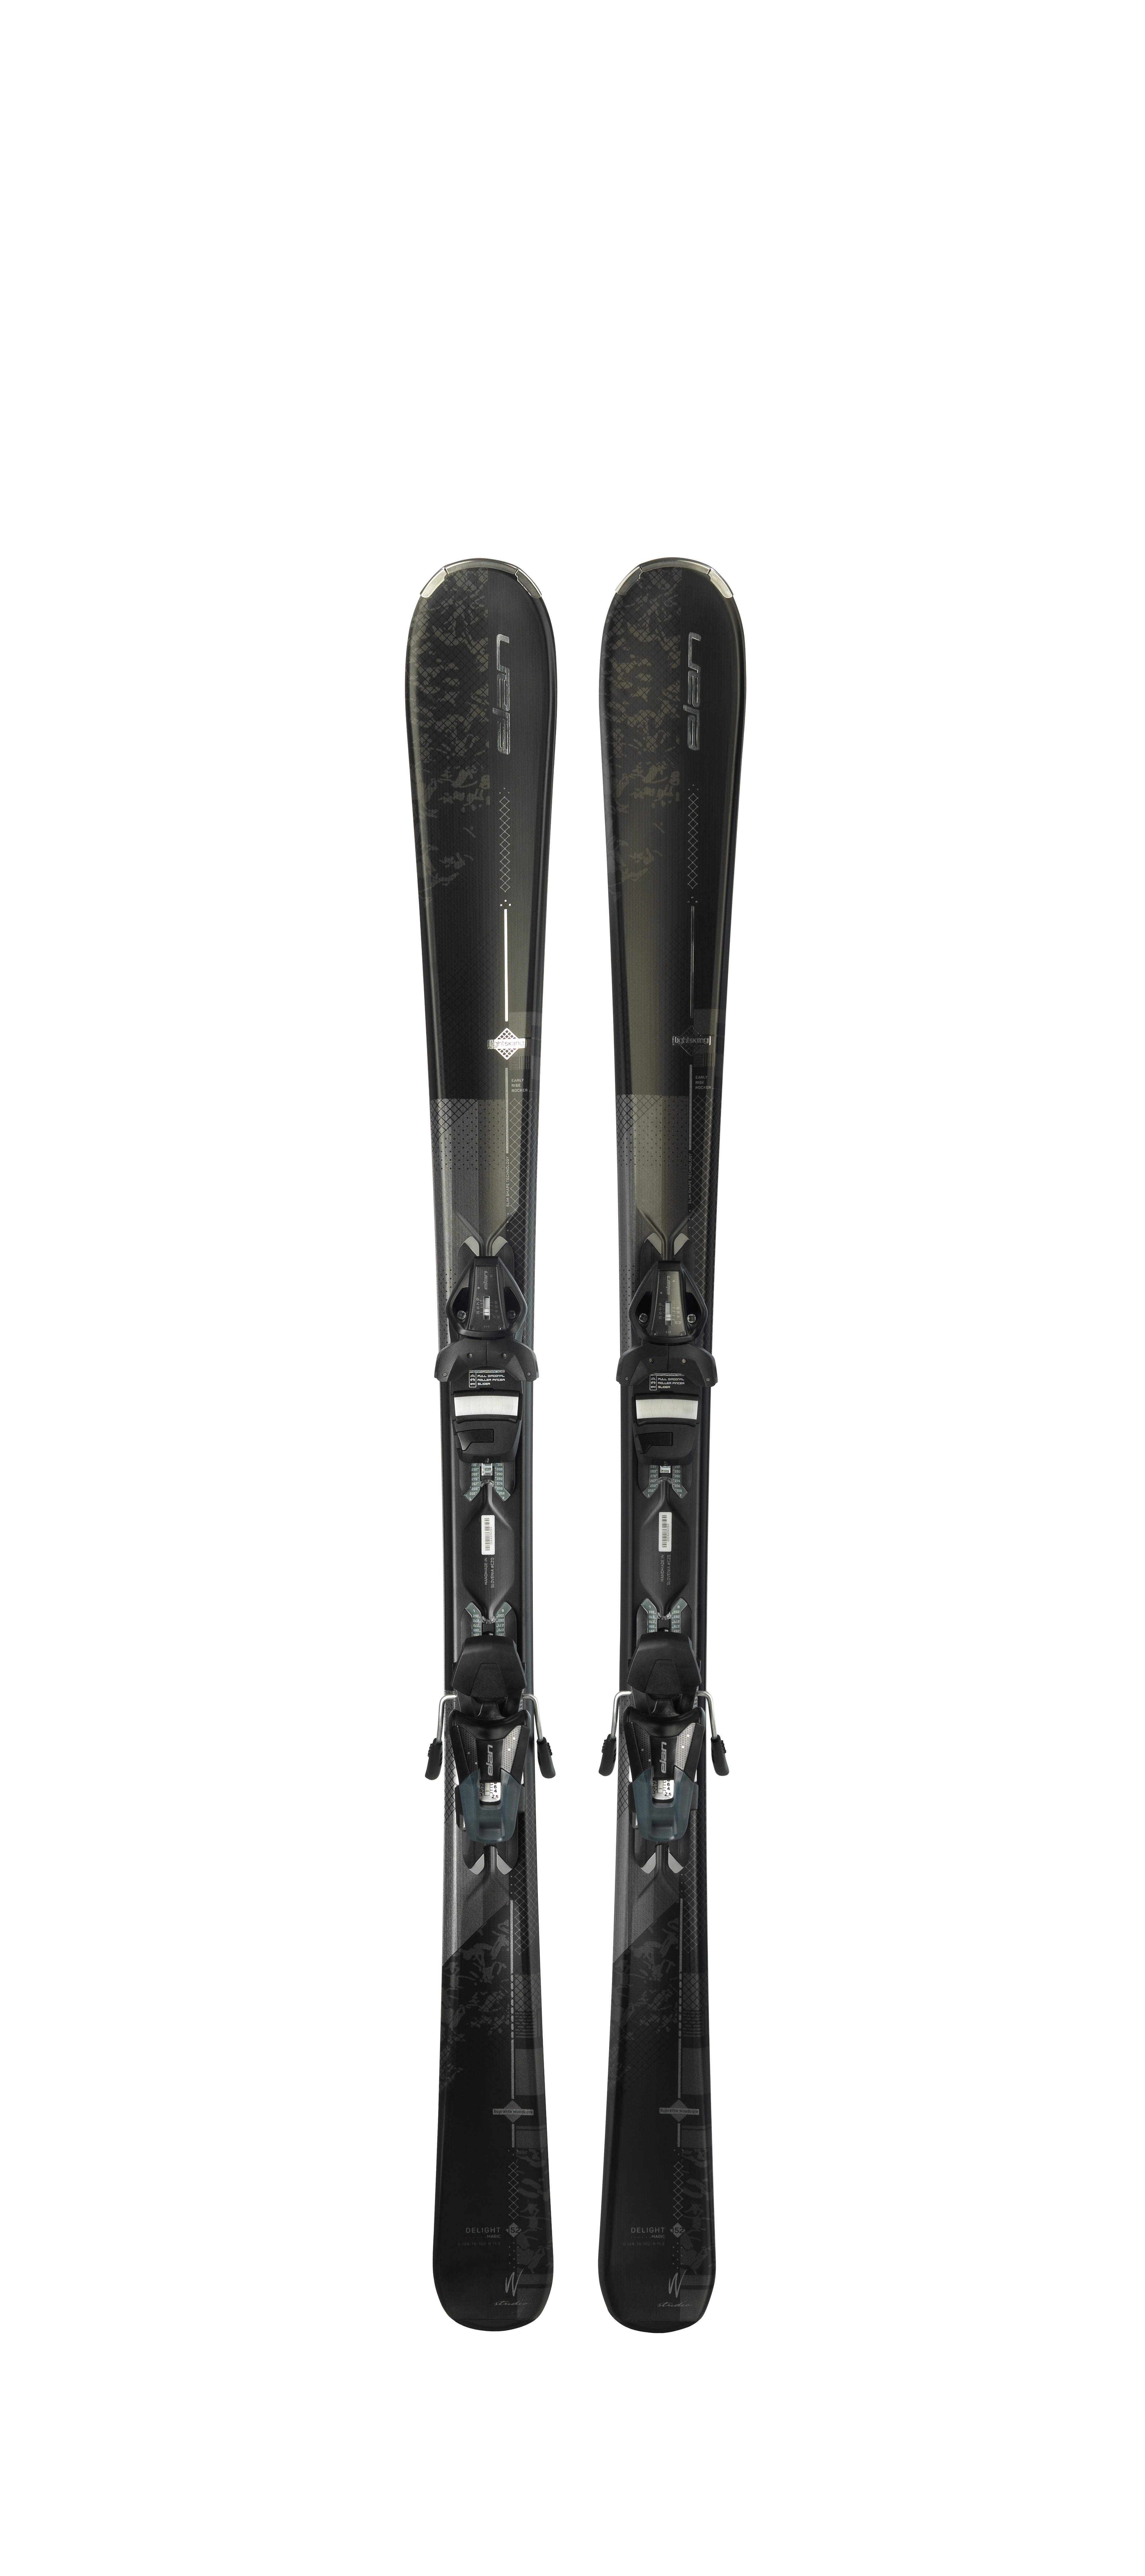 Горные лыжи с креплениями Elan 2017-18 Delight Magic ELW 9 LS